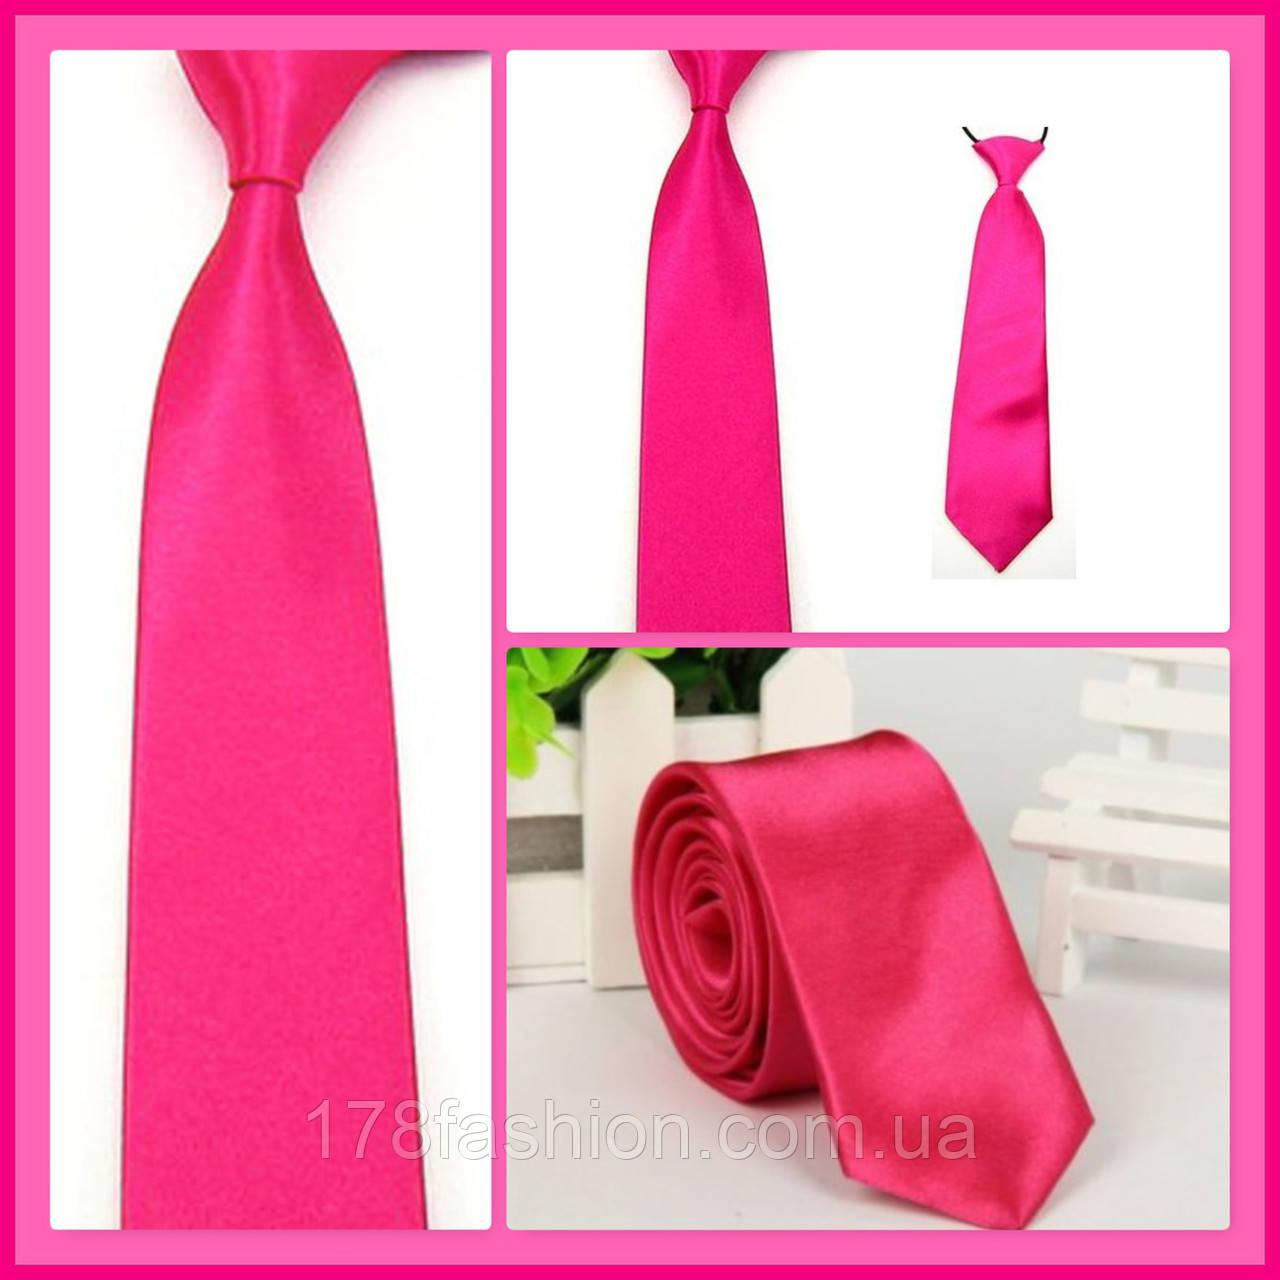 Стильный и модный детский однотонный атласный галстук №15 малиновый